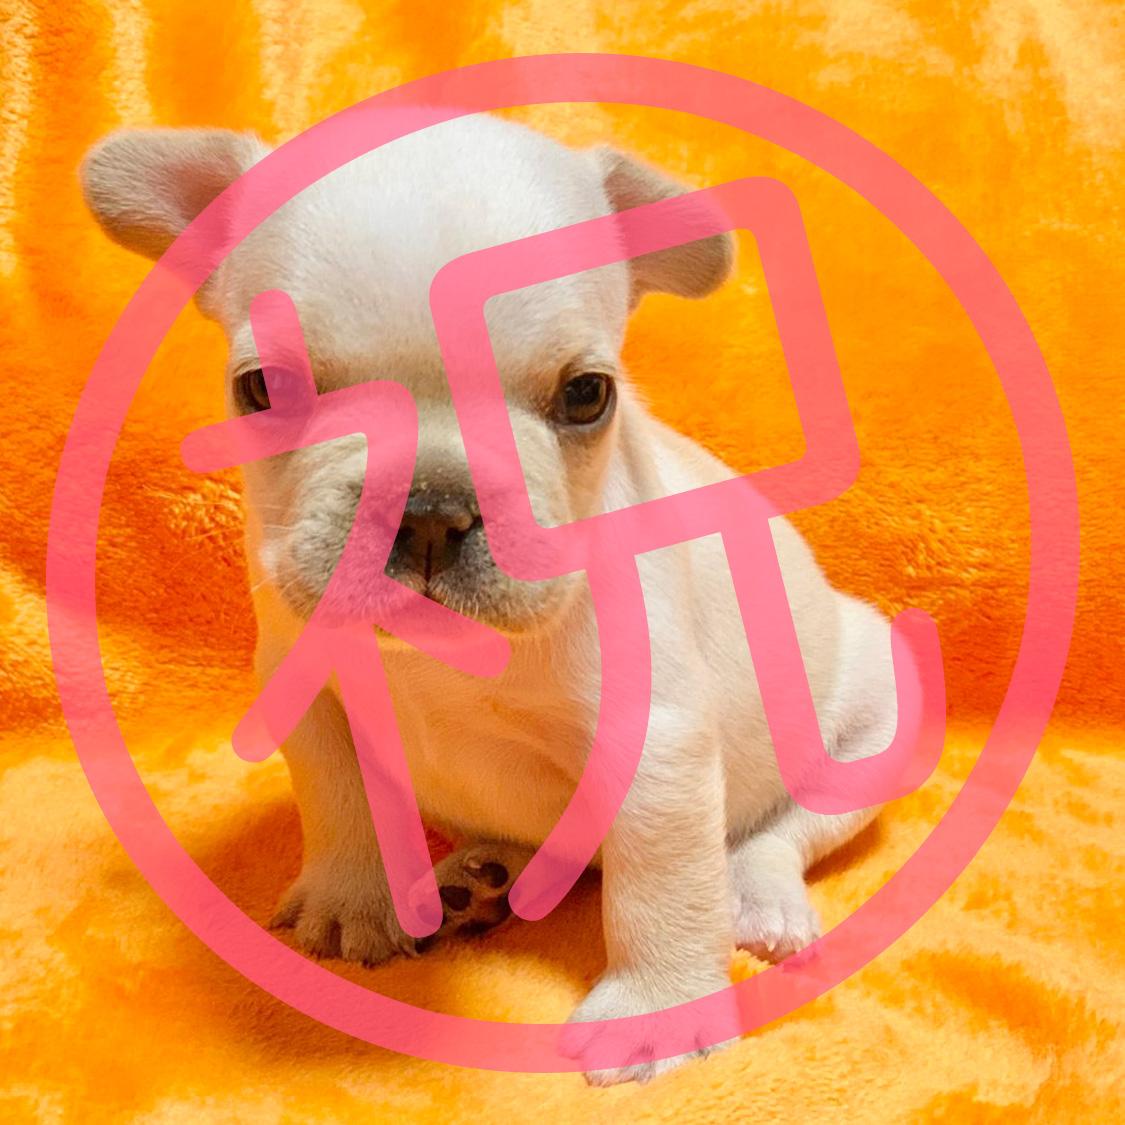 フレンチブルドッグクリームの子犬